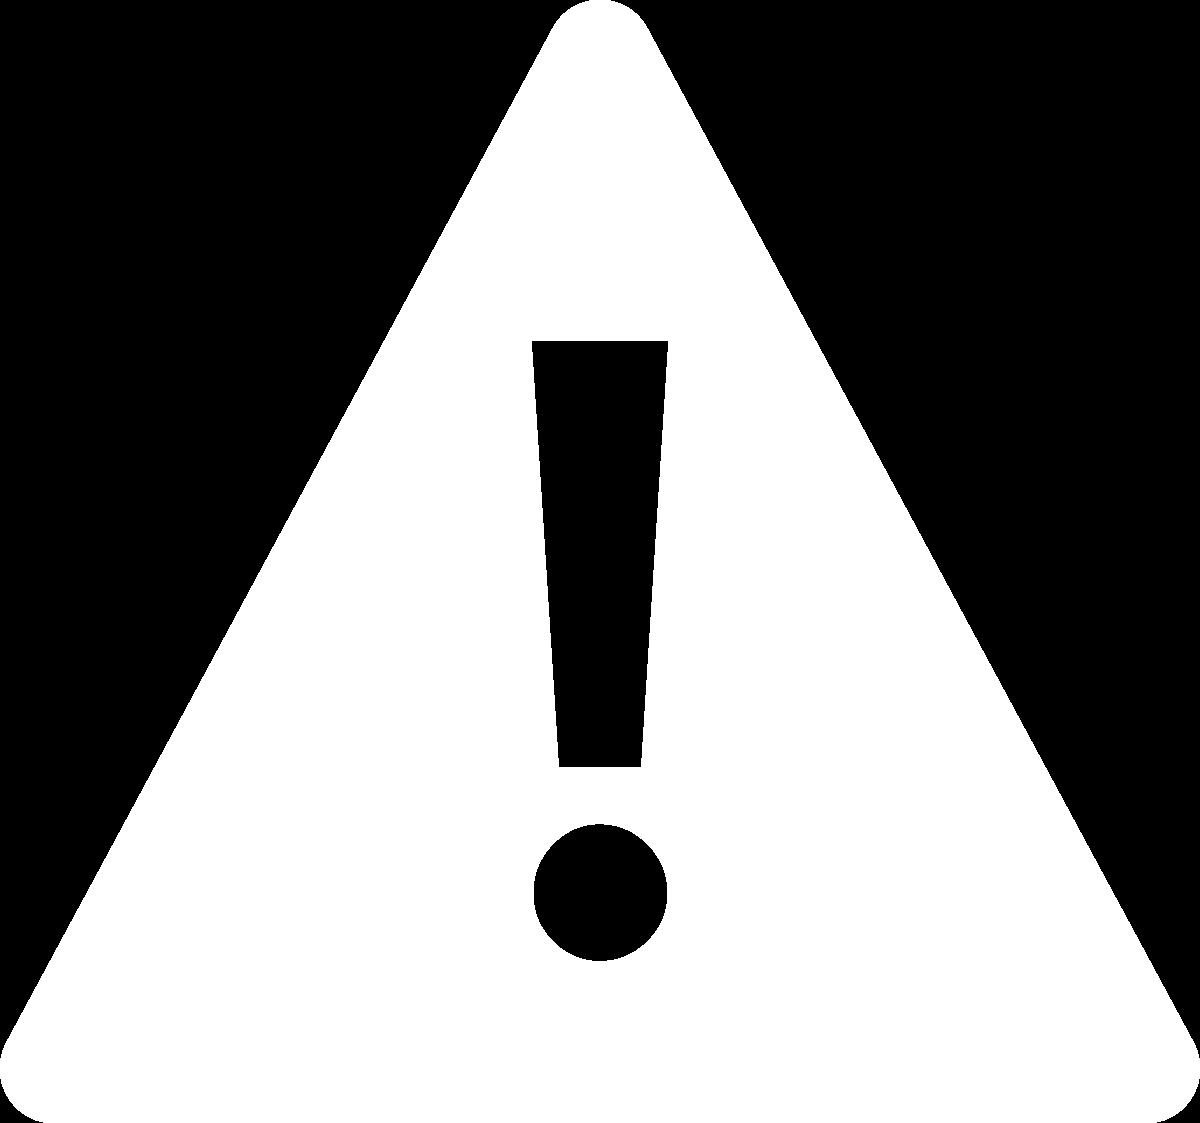 Triangle graphic